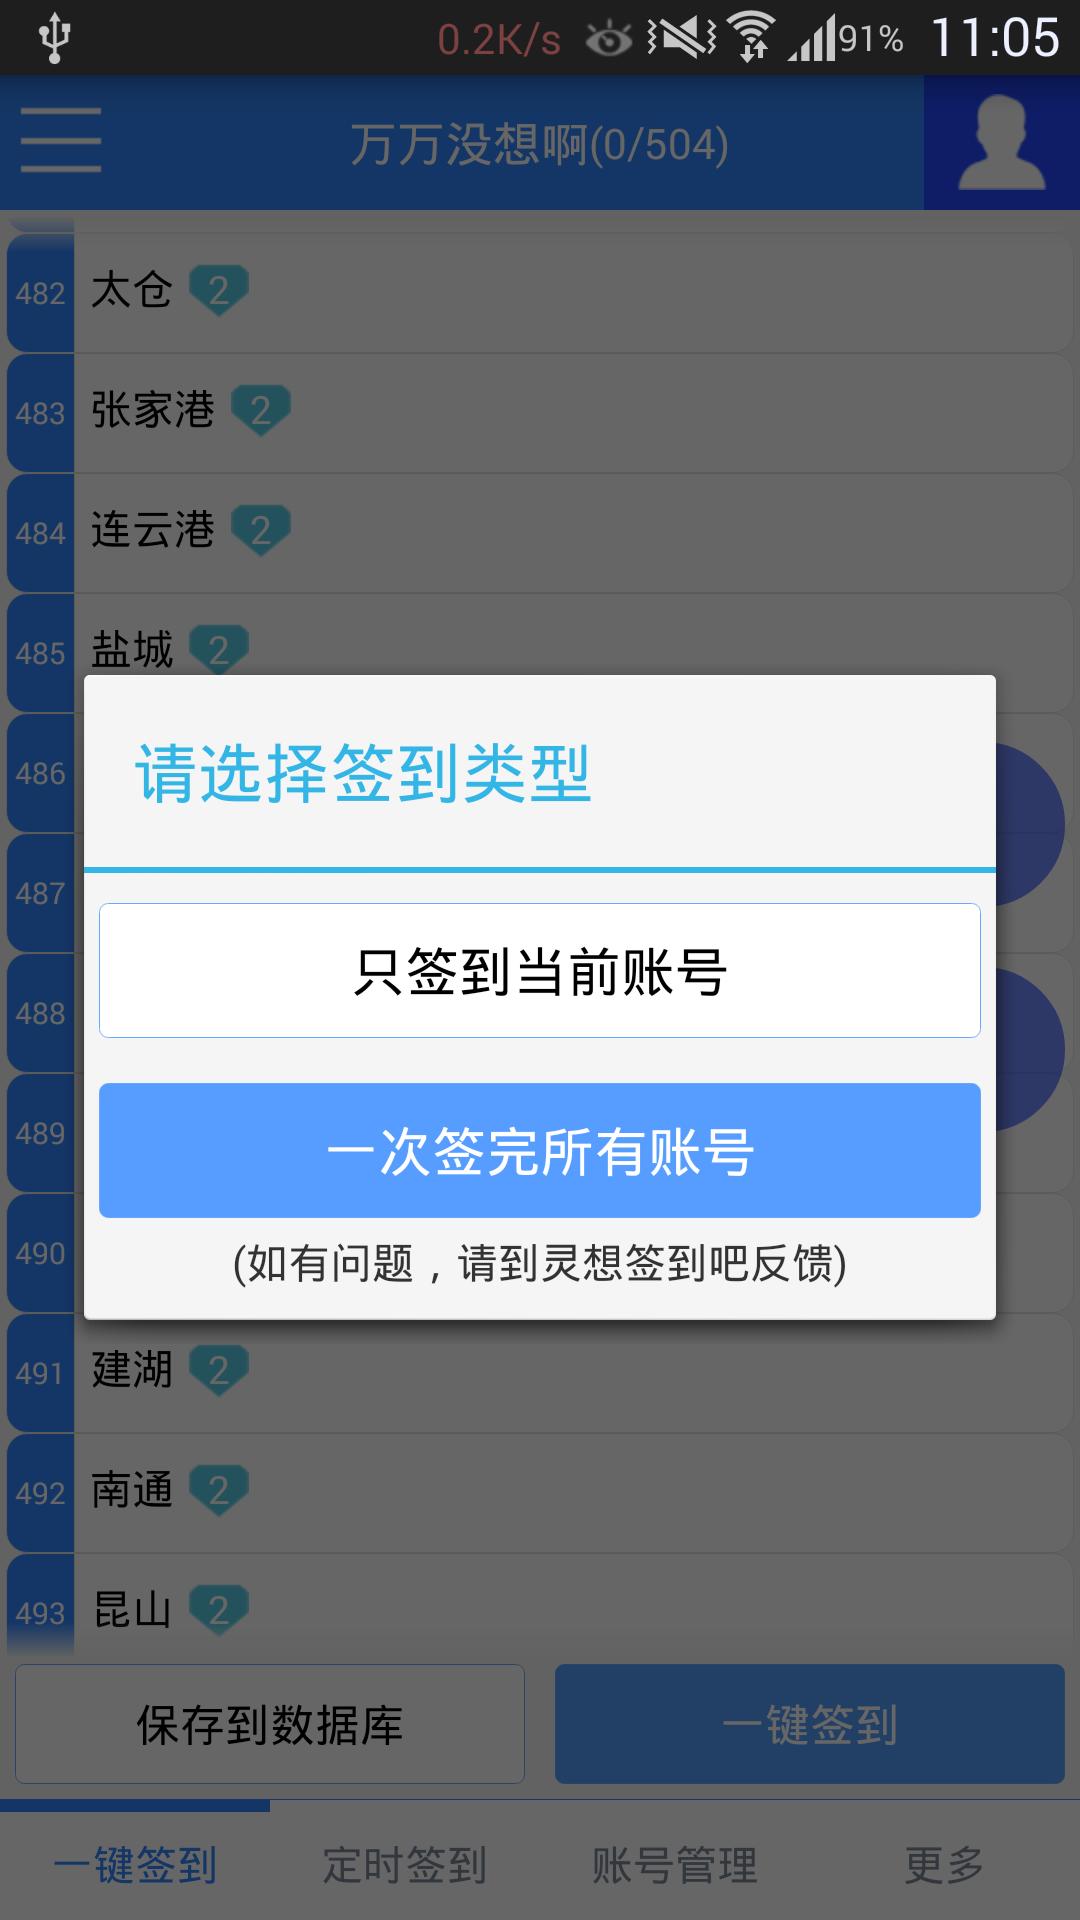 贴吧一键定时签到 V2.2.0 安卓版截图2